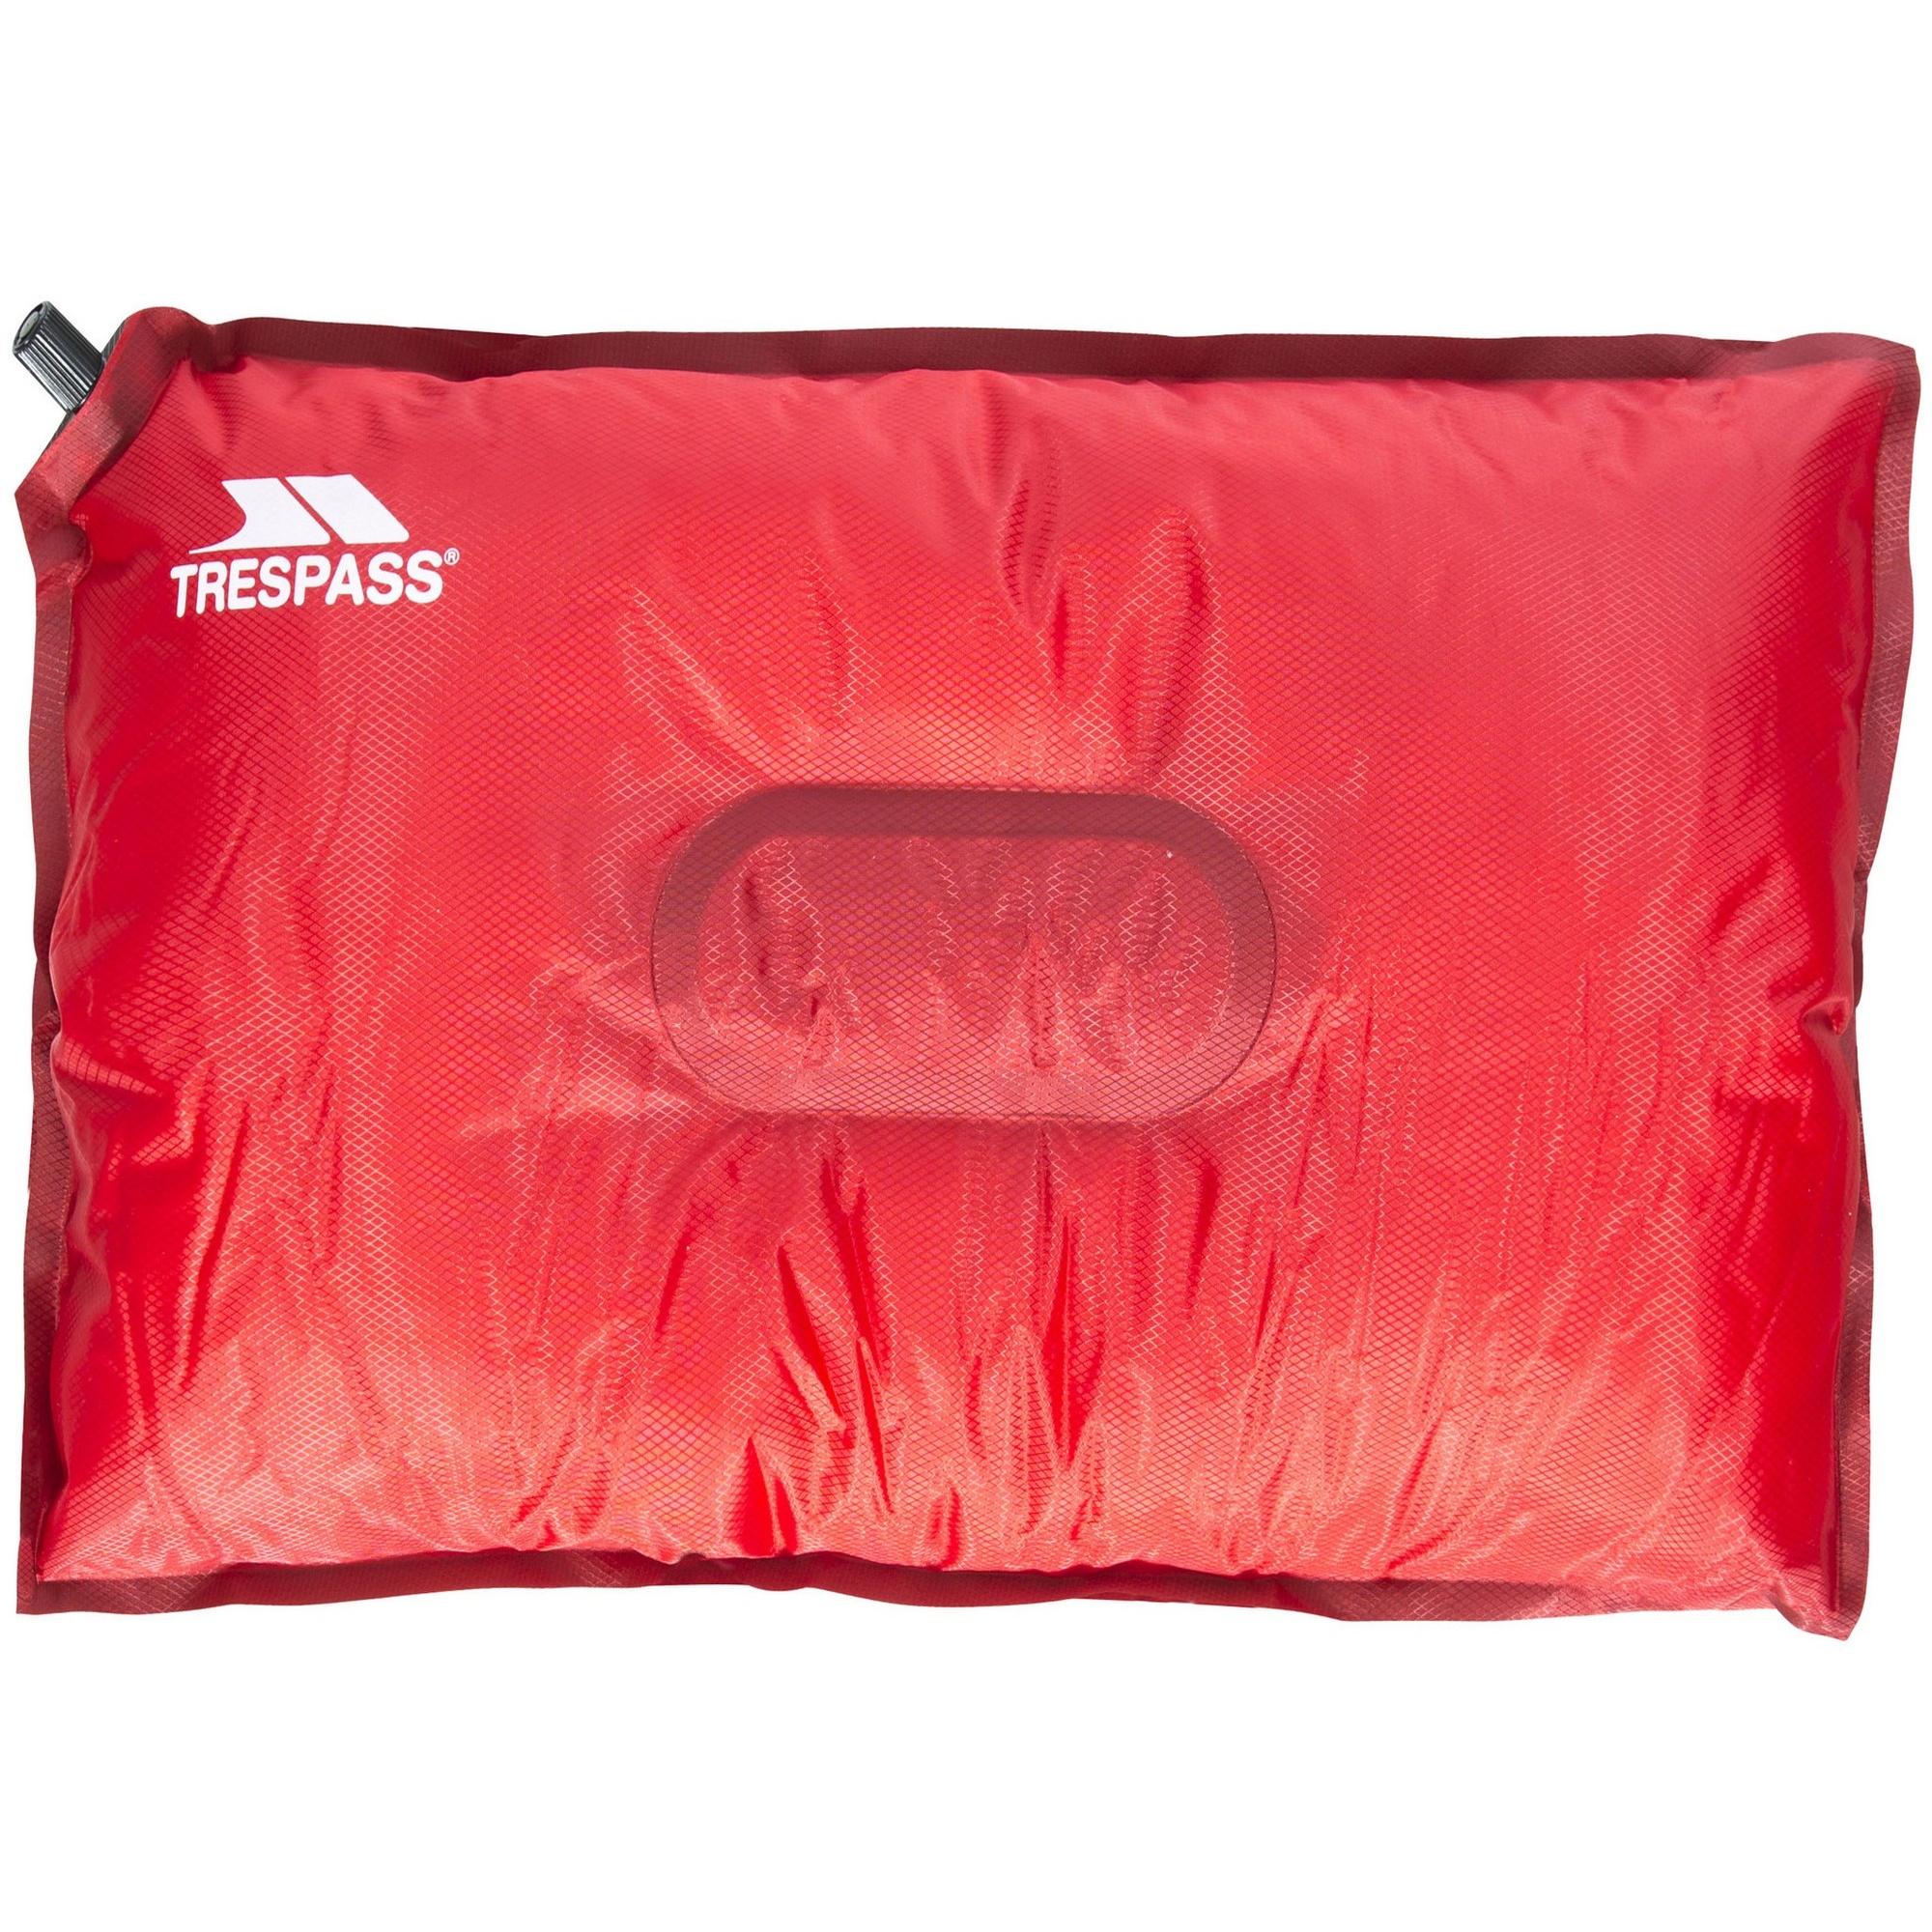 Trespass Powernap Self-Inflating Foam Pillow TP4167